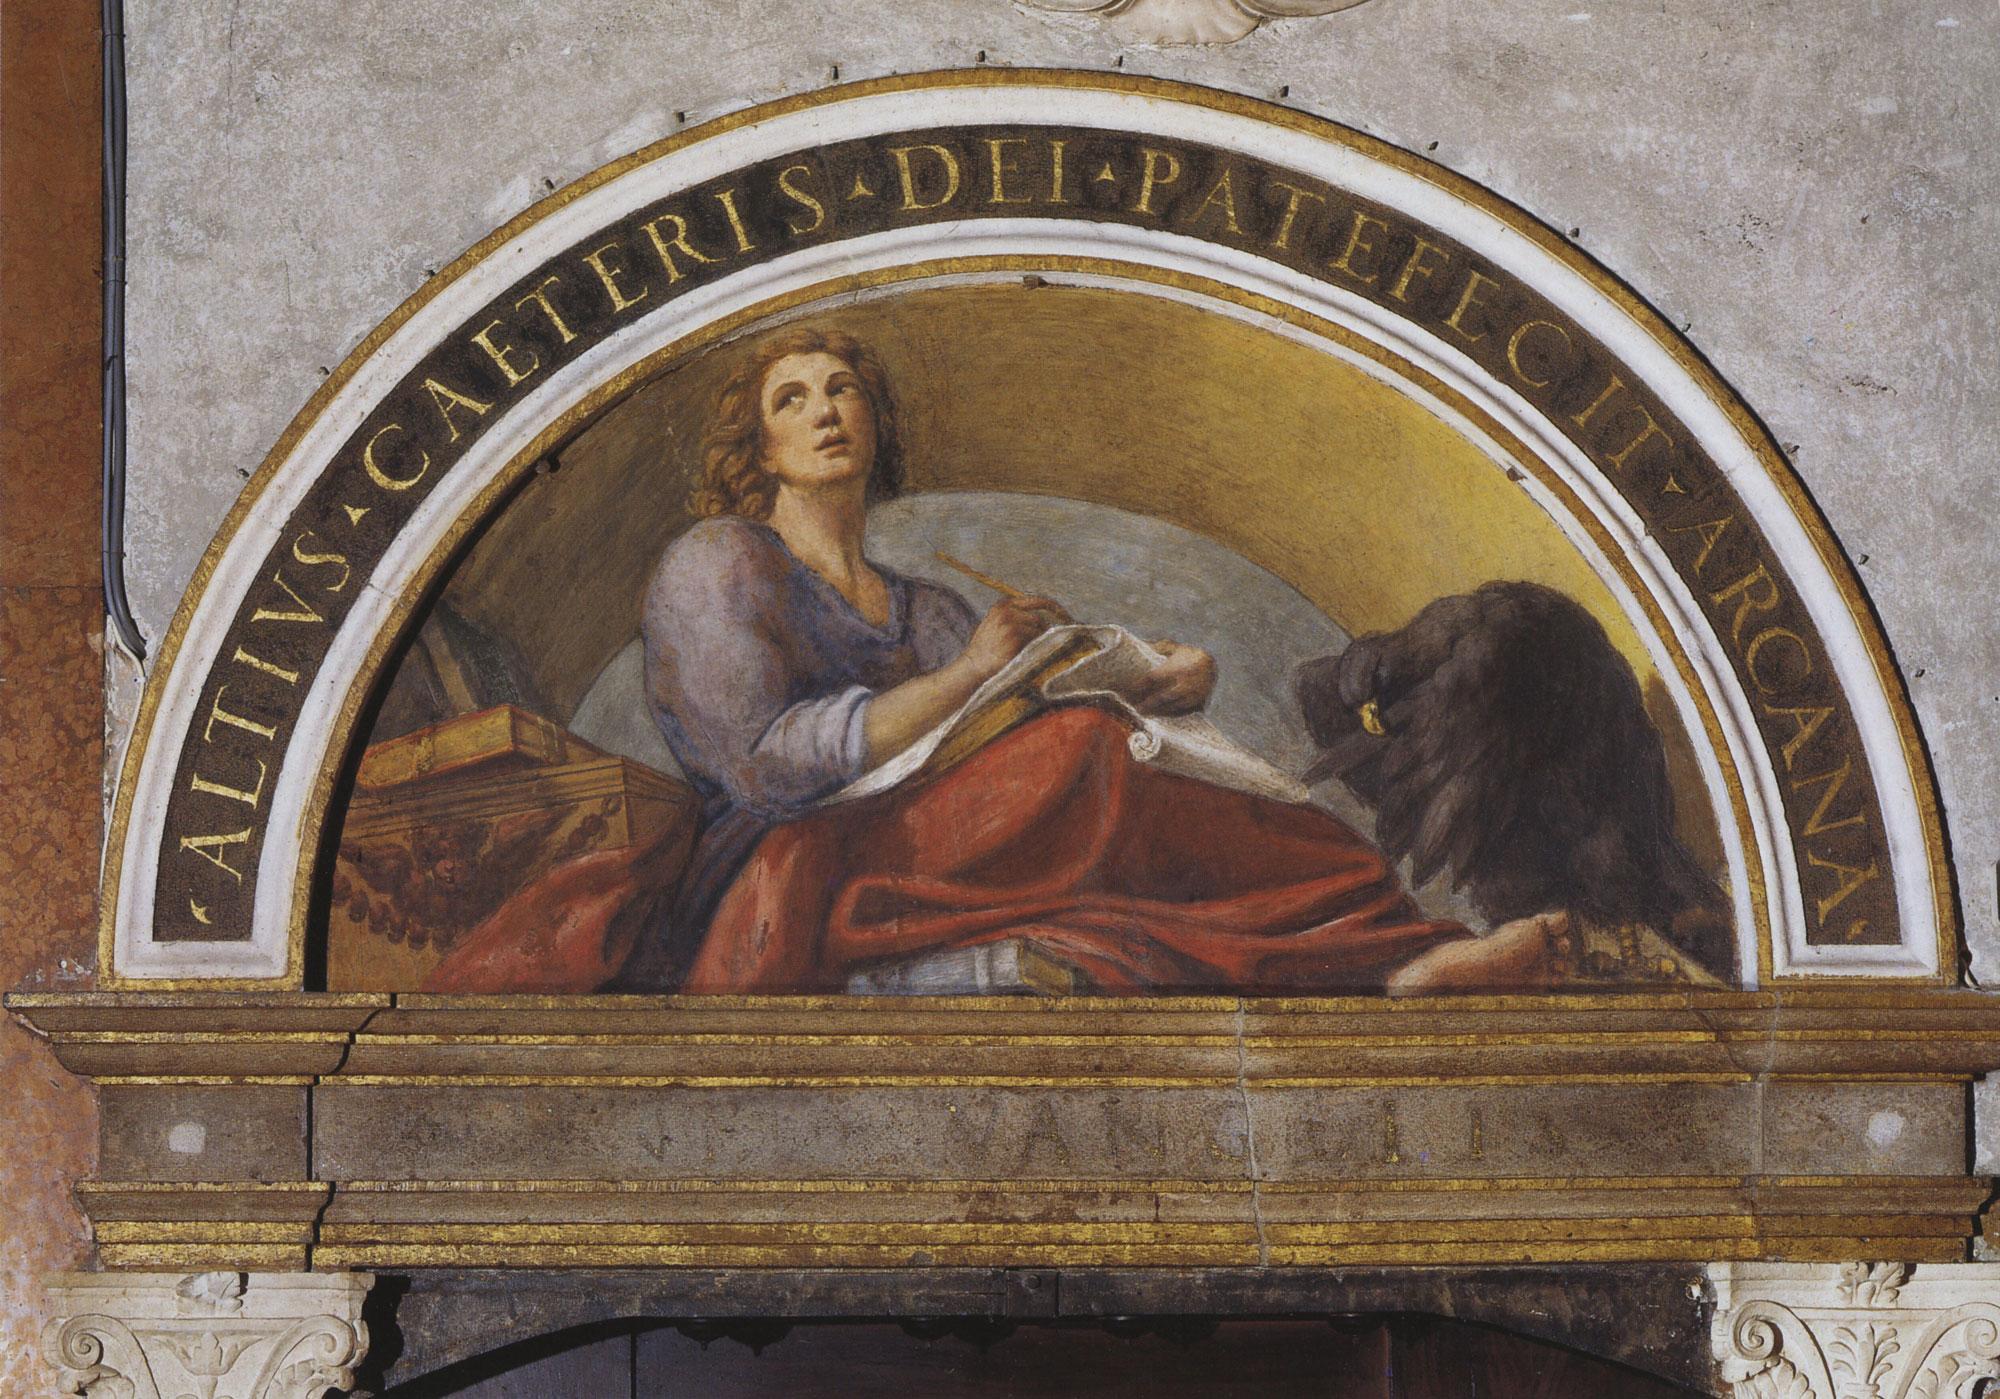 Lunetta con figura di San Giovanni Evangelista giovane, con l'aquila